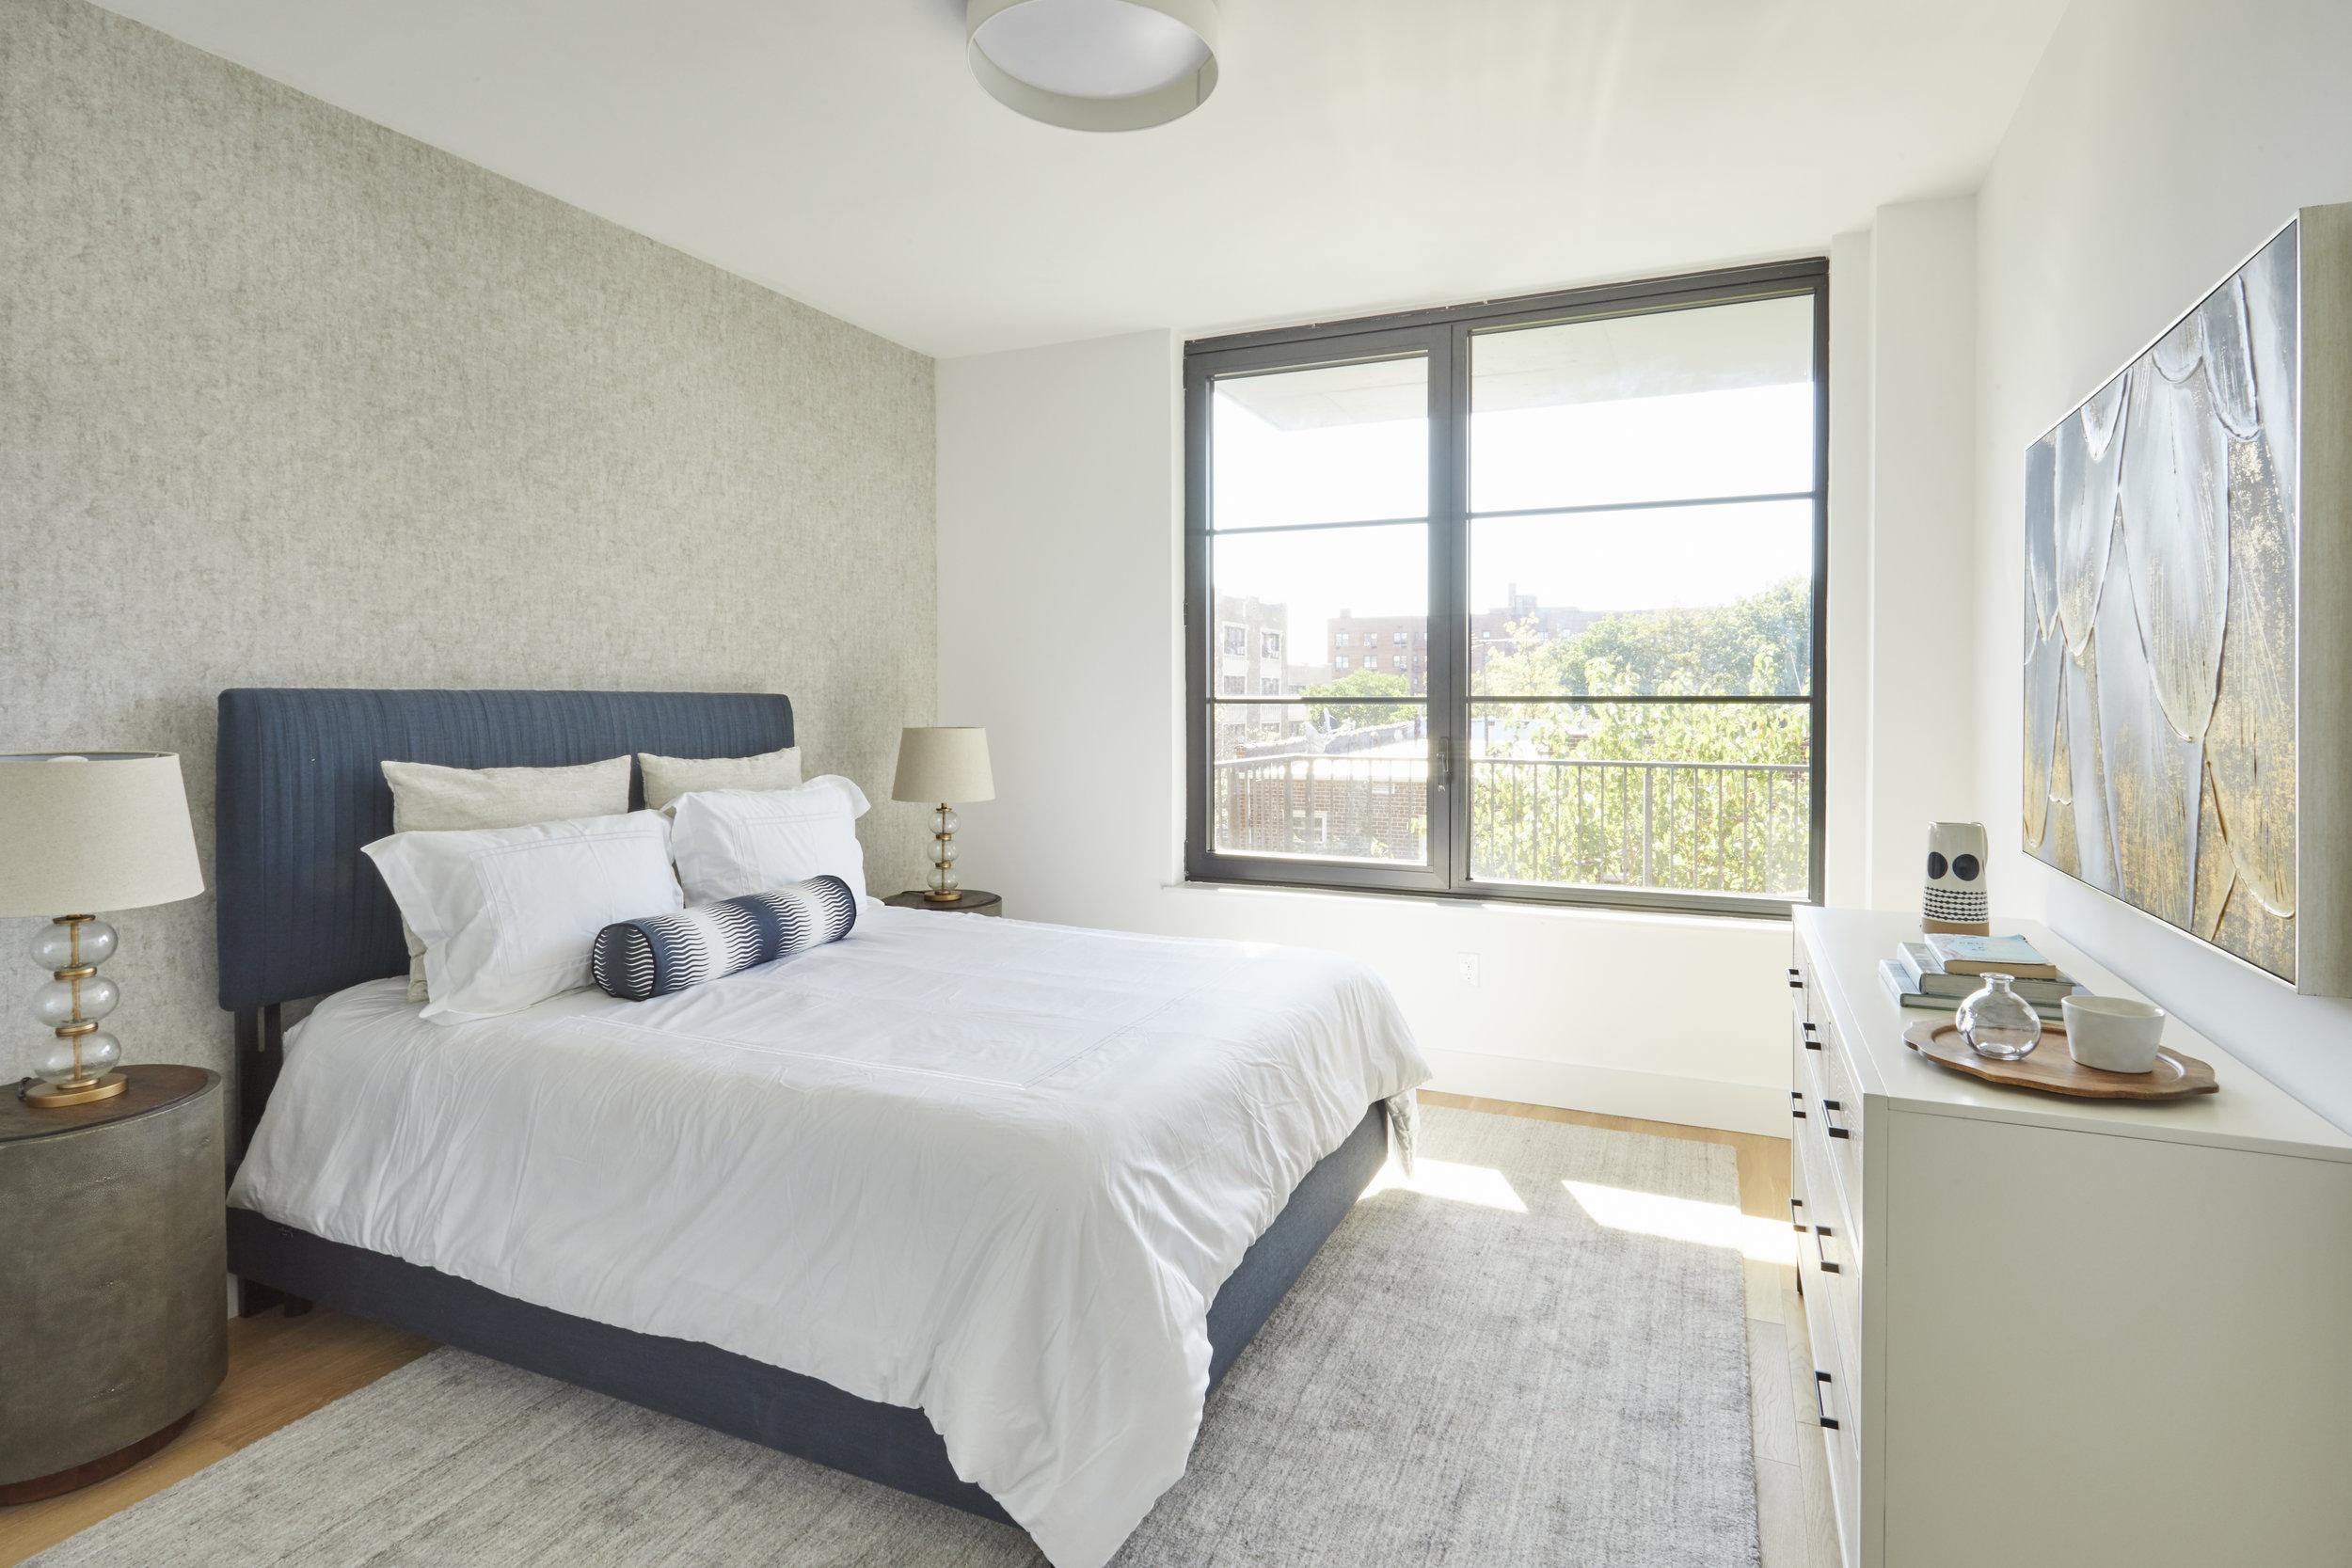 2 BR Master Bedroom .jpg